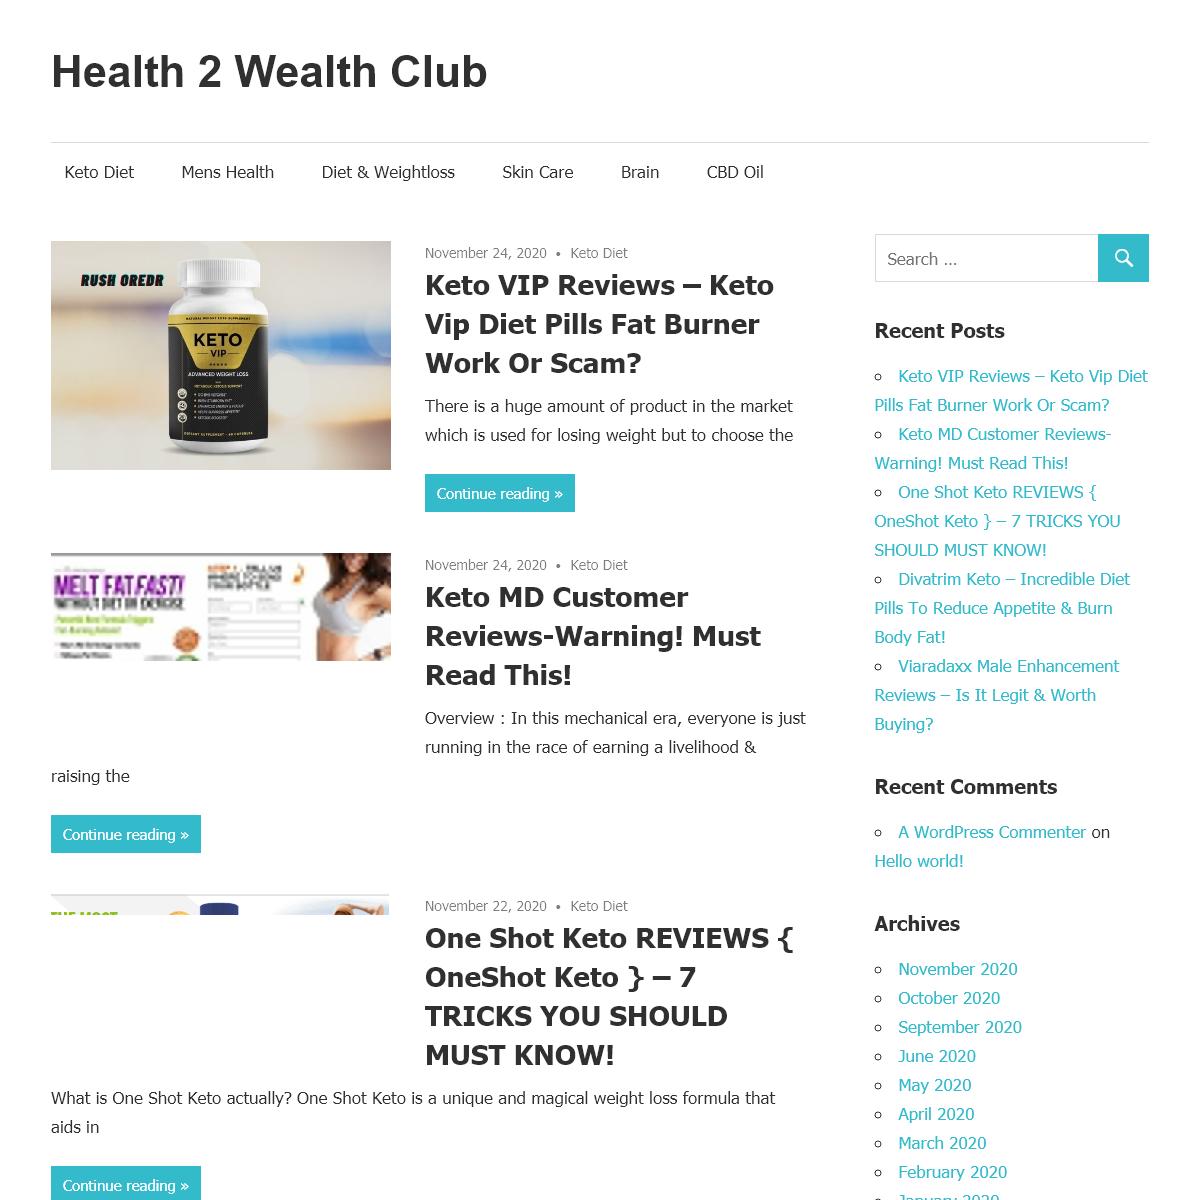 Health 2 Wealth Club -